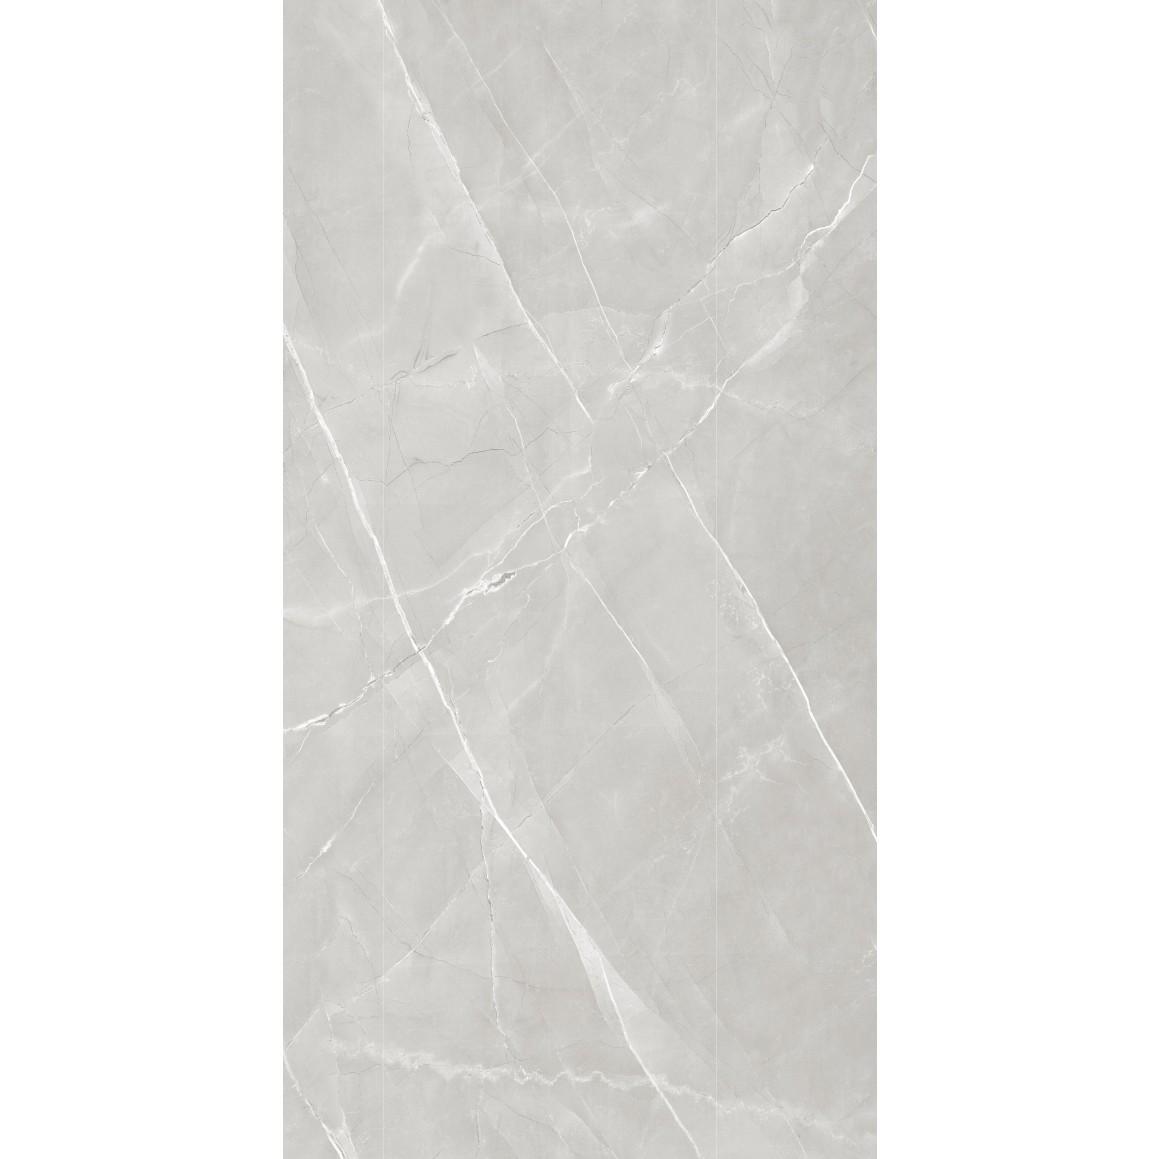 Porcelanato tipo A 60x120 Esmaltado Polido Delux 144 m - Platinum